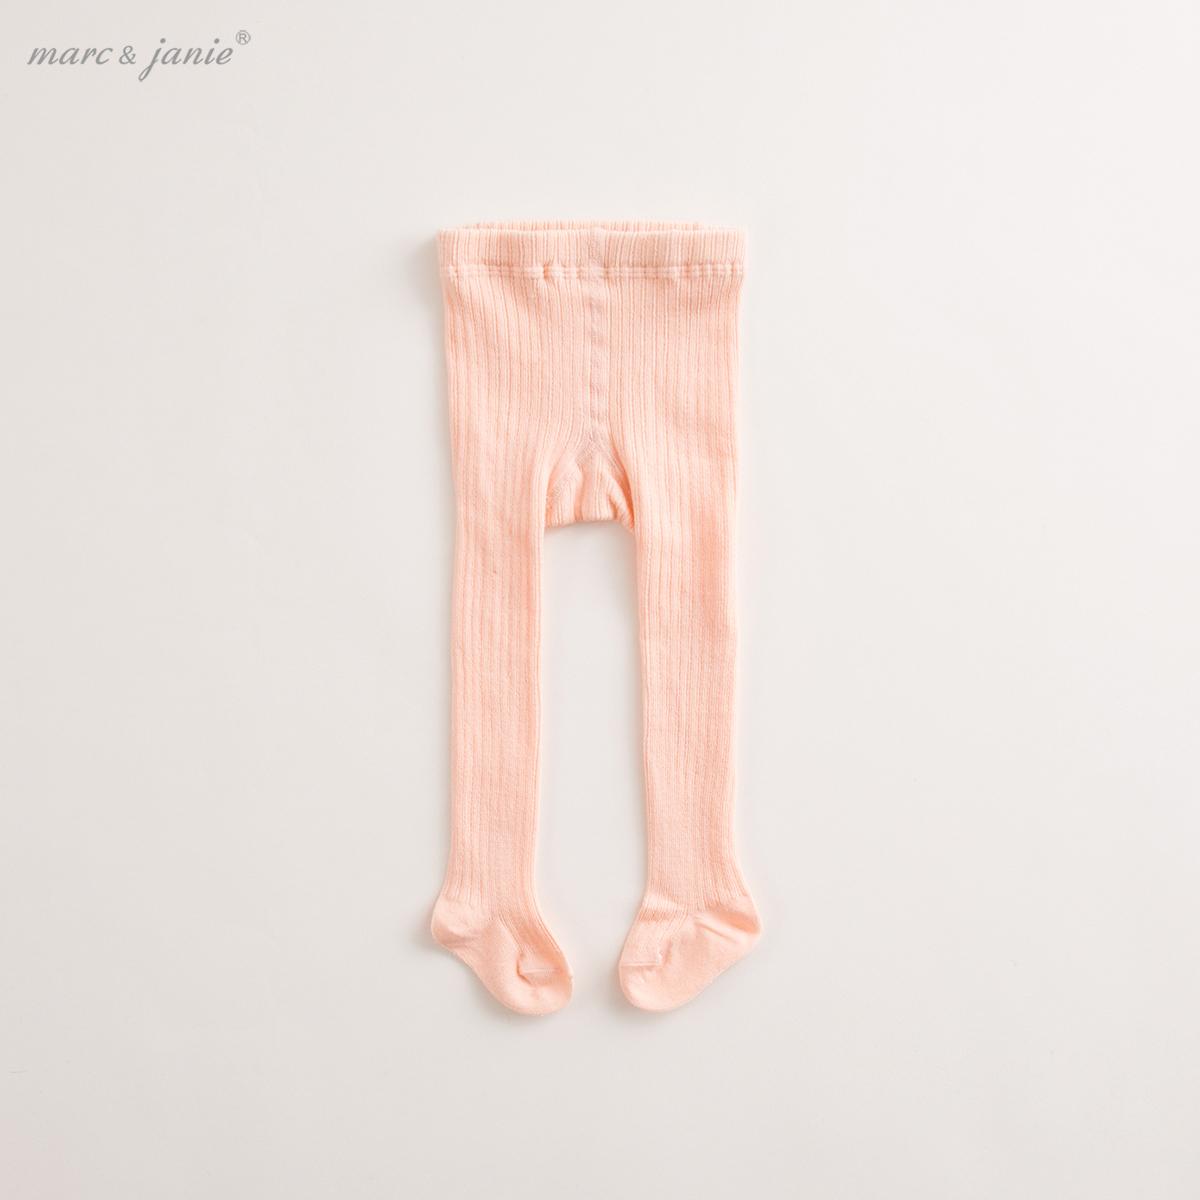 marcjanie馬克珍妮 2017春夏新品寶寶打底褲 女童兒童連褲襪76009